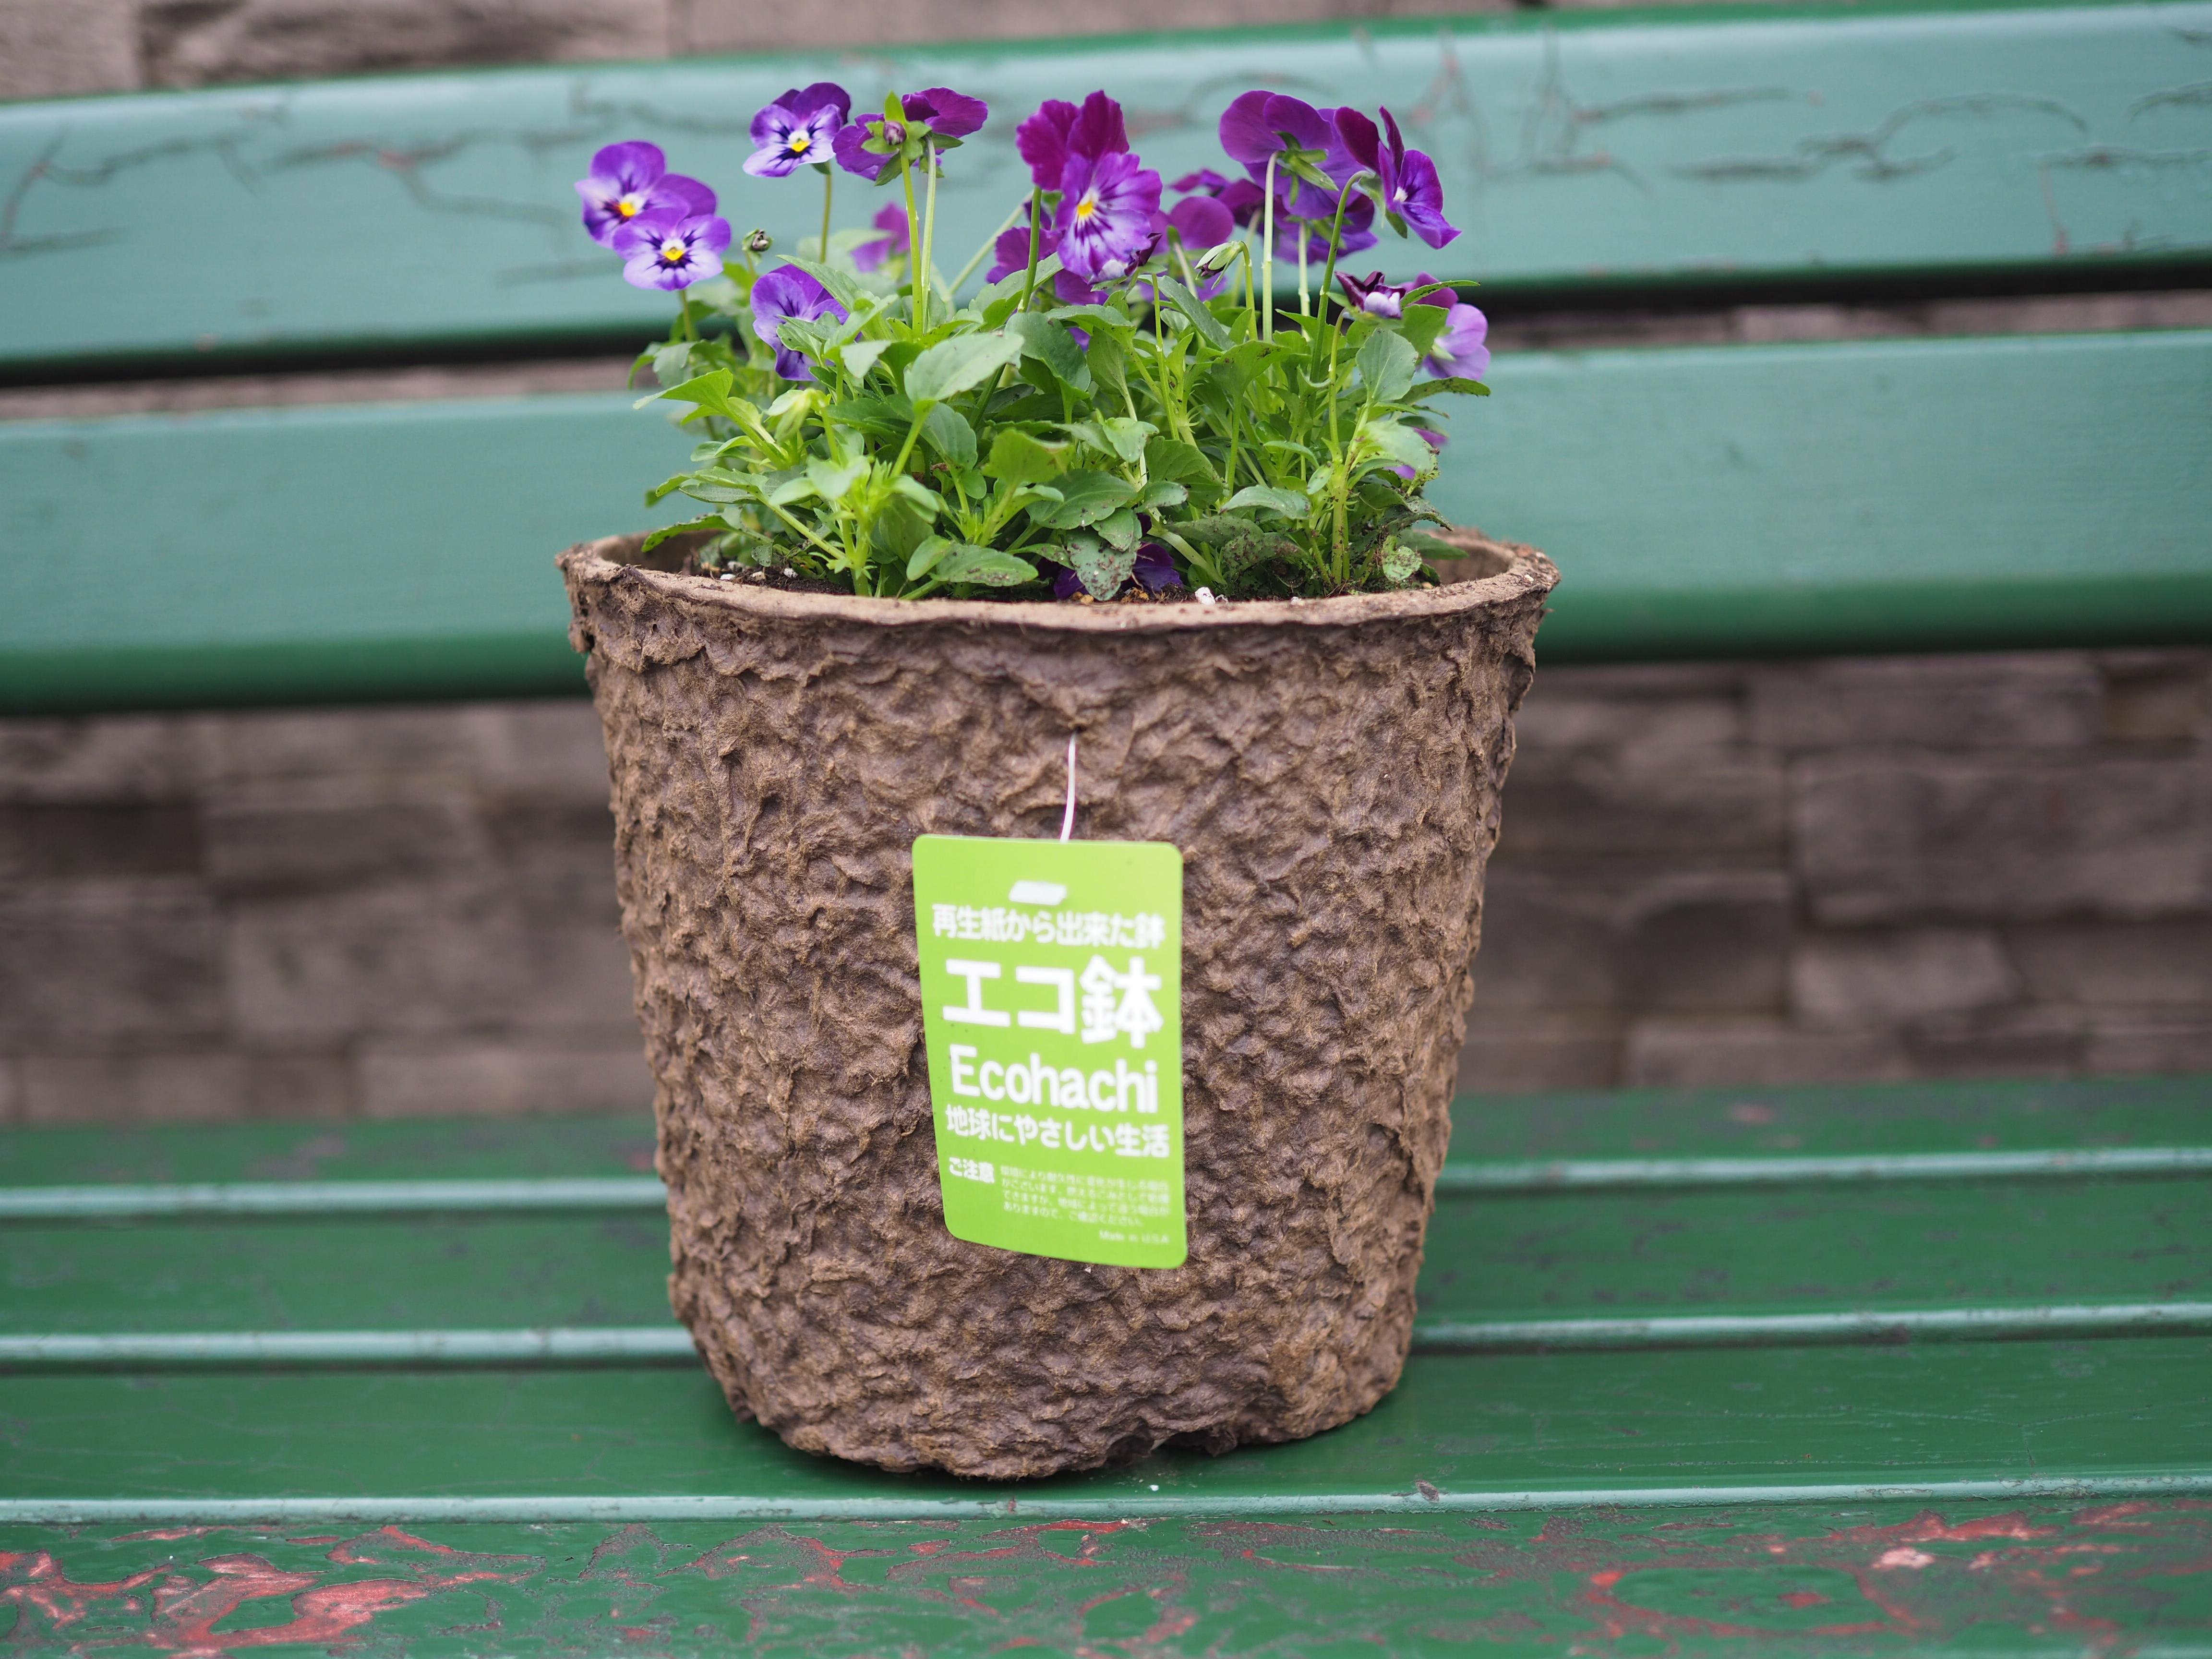 参加者には1人につき5ポットの苗が配られ、そのうちの4ポットを使って寄せ植えを作ります。残りの1ポットはお土産としてお持ち帰り! 植え込む鉢は再生紙からできたエコ鉢です。環境に配慮です。